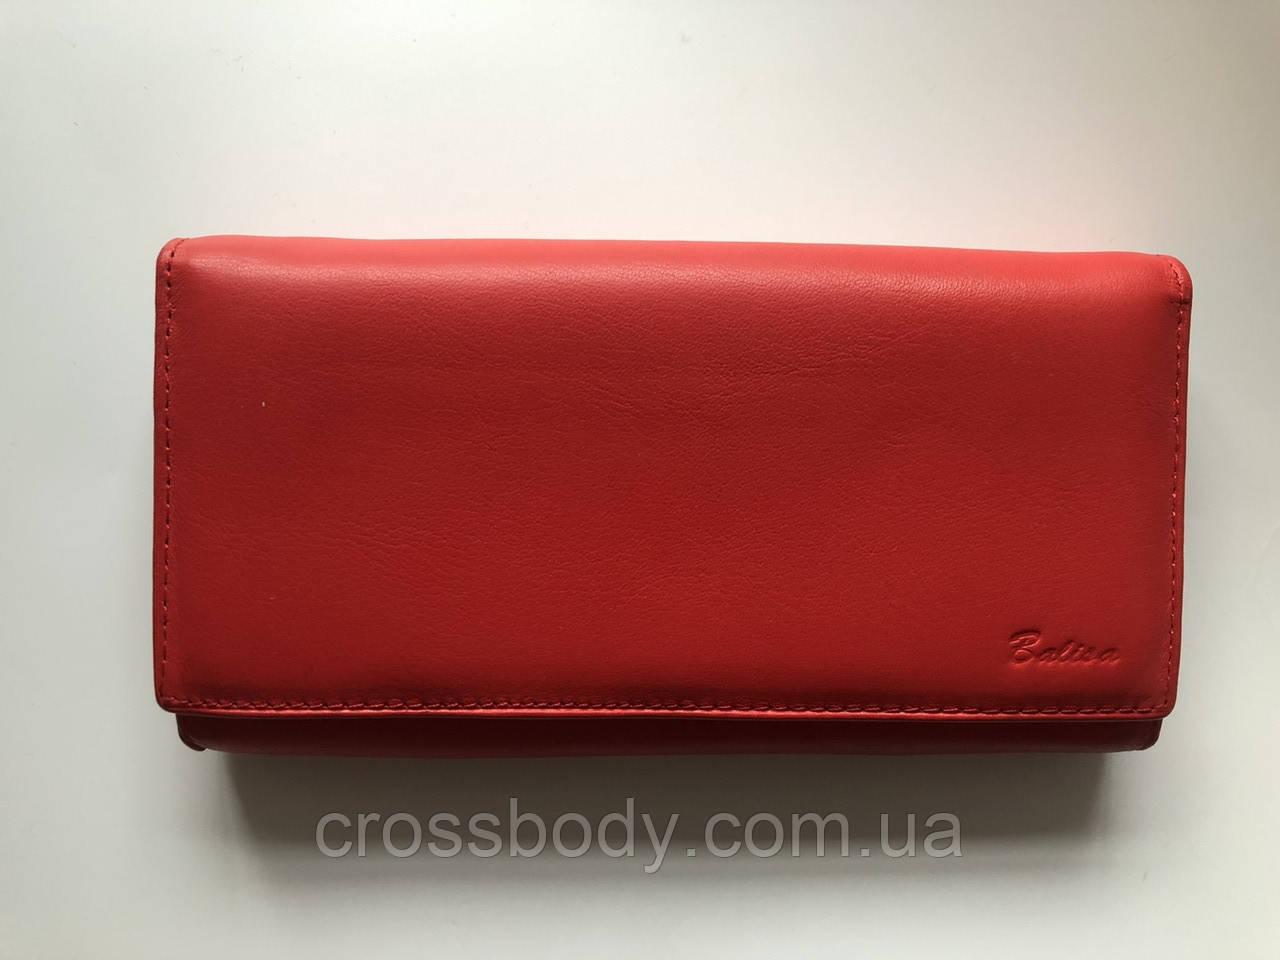 Красный кошелек кожа